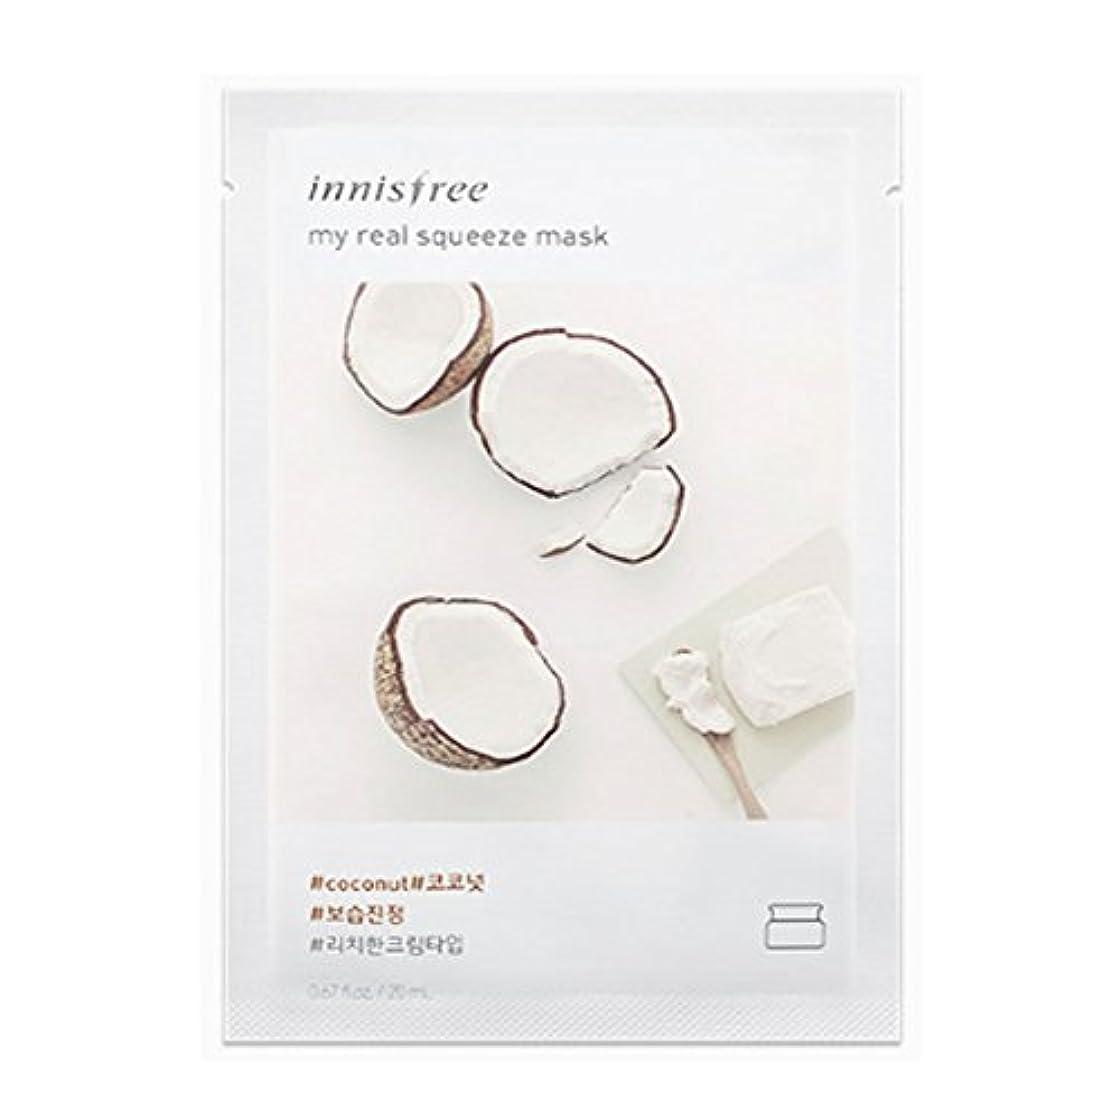 件名シャープどれかイニスフリーダブルフィットリフティングマスク17g + 19g Innisfree Double Fit Lifting Mask 17g+19g [海外直送品][並行輸入品] (#1-Elastic moisturizing)